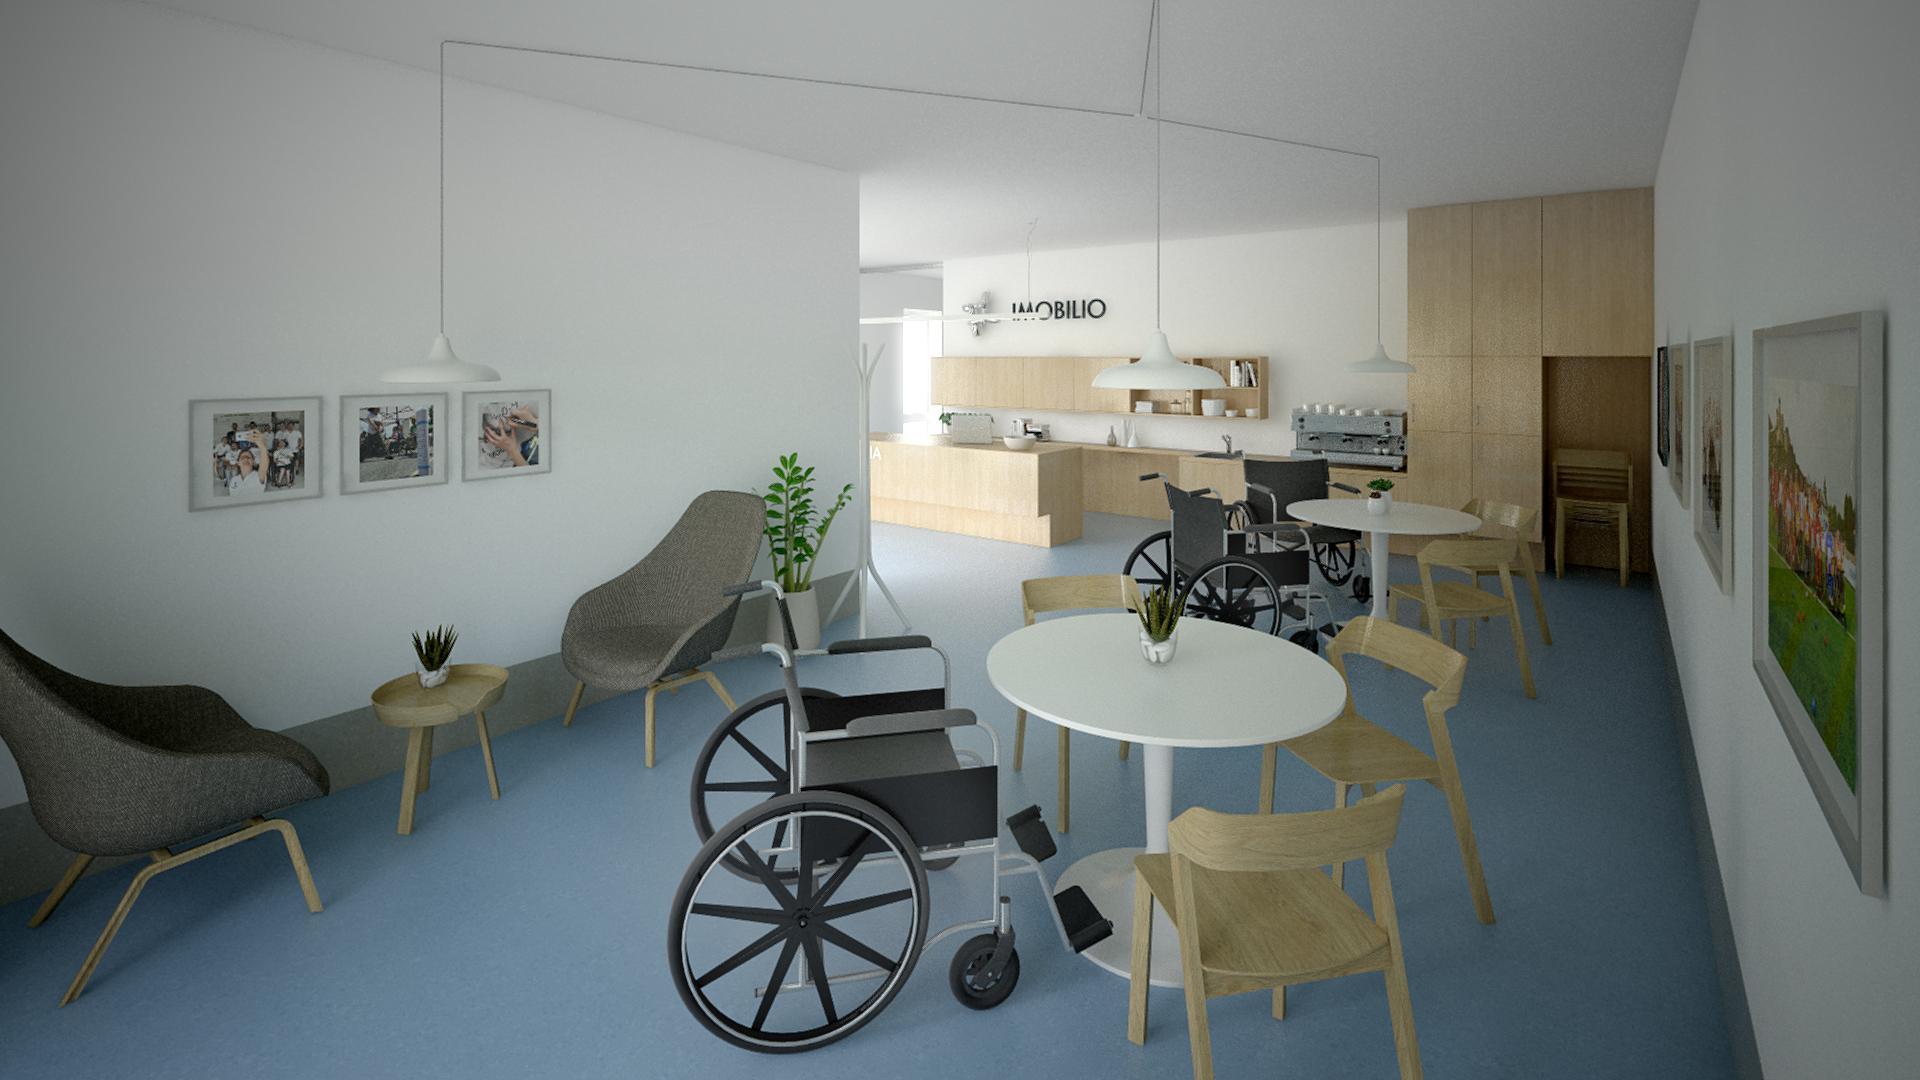 Návrh interiérov pre OZ IMOBILIO